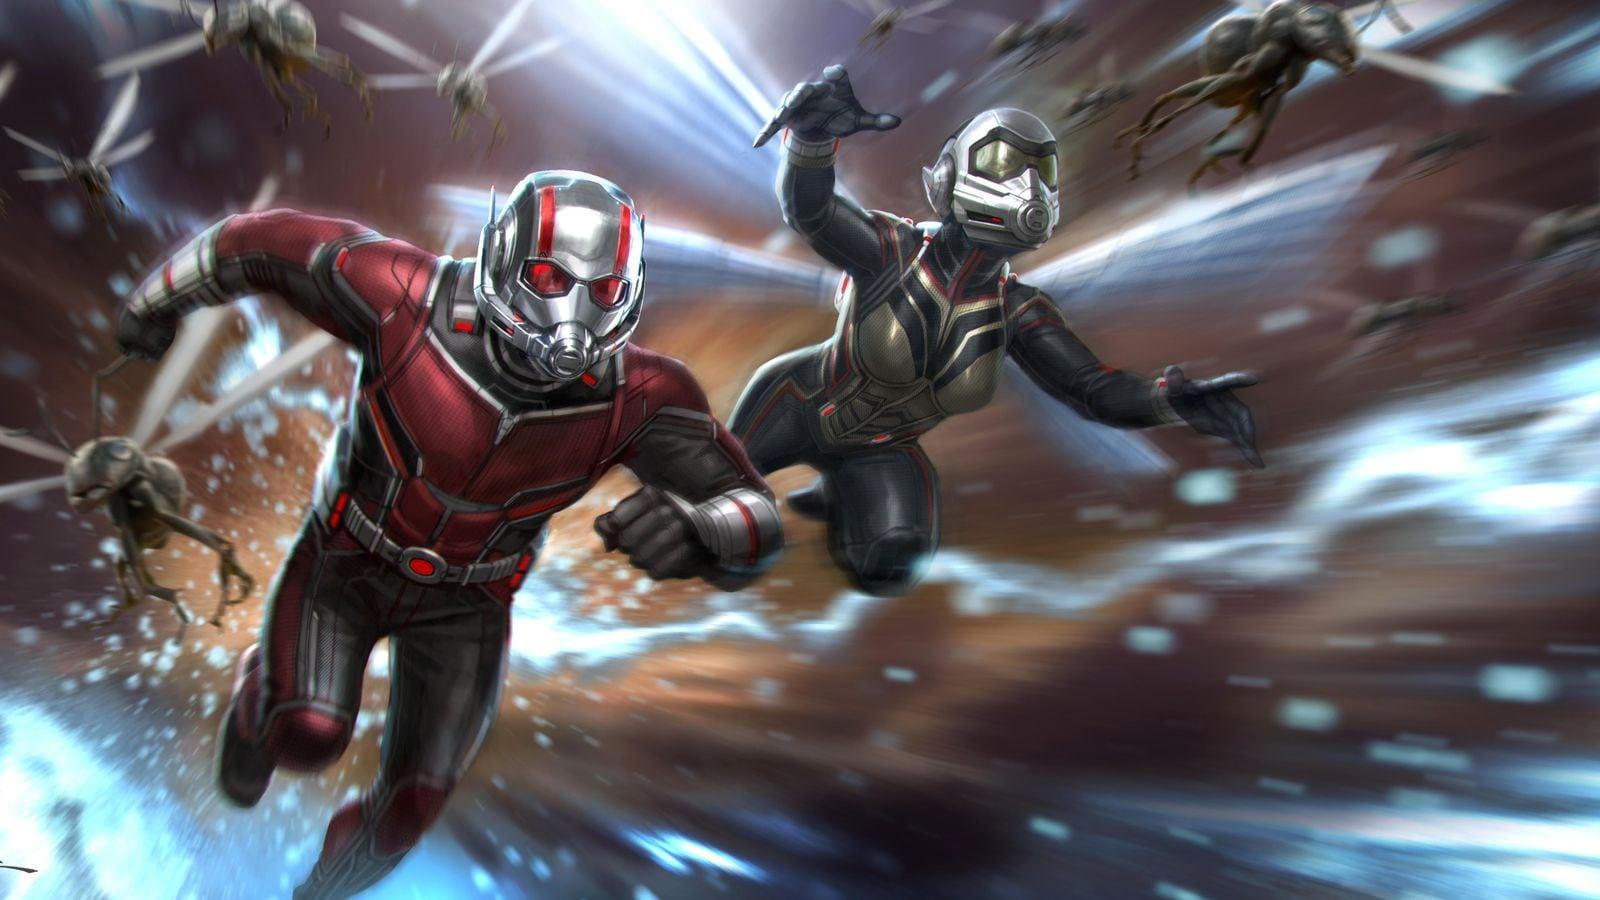 El director de Marvel Ant-Man and the Wasp sobre la perspectiva de Ant-Man 3